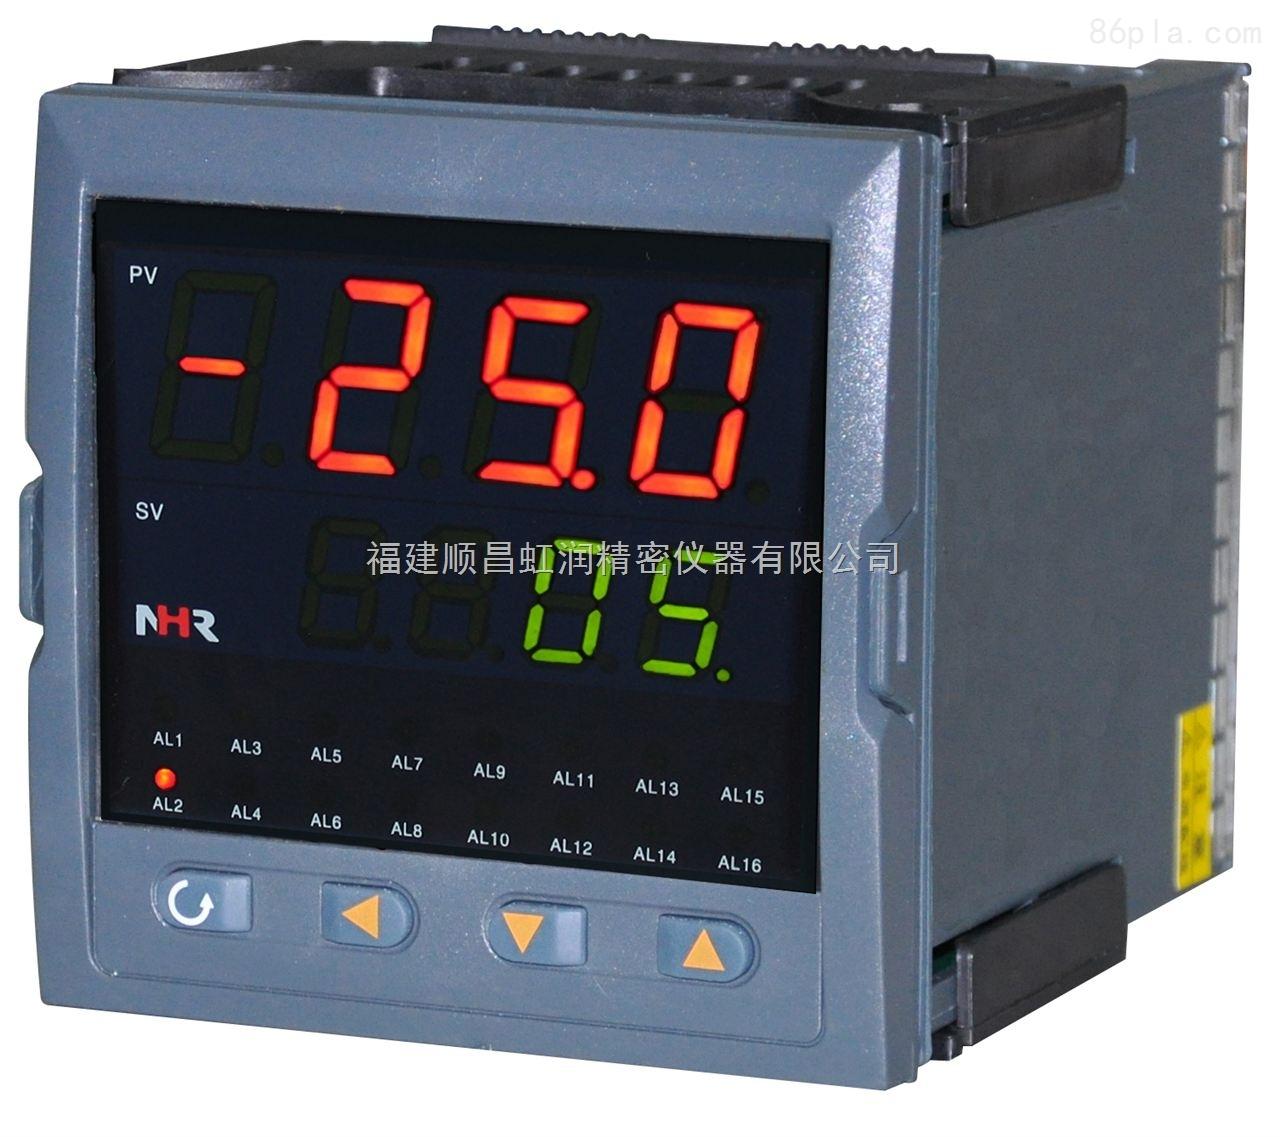 广州虹润NHR-5700系列多回路测量显示控制仪